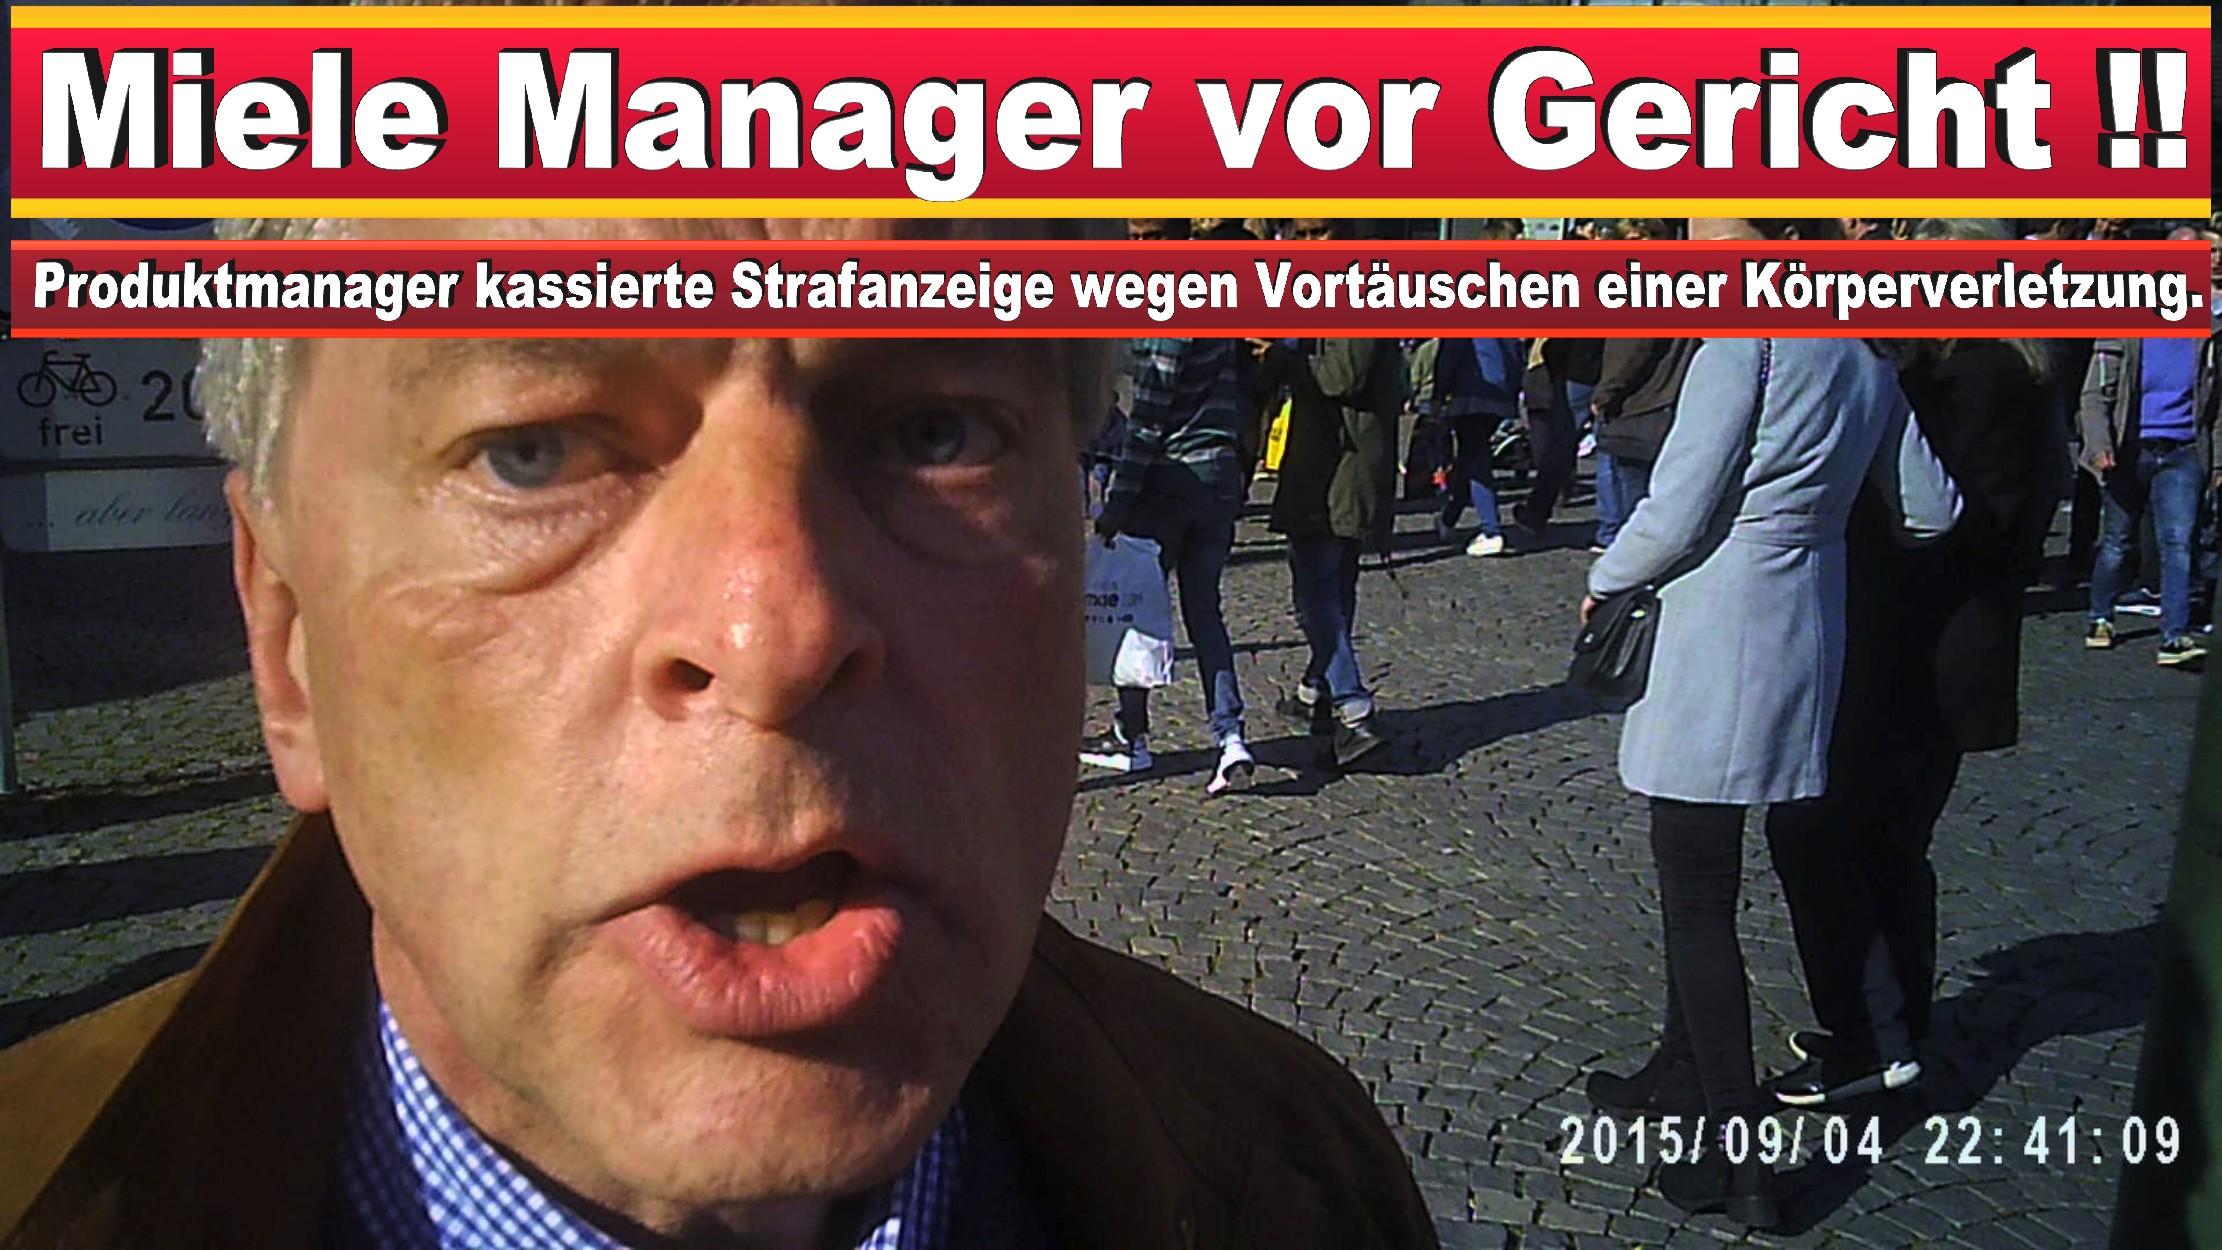 CDU BIELEFELD POLIZEIGEWALT GEWALTAUSBRUCH UND STRAFANZEIGE GEGEN EINEN JOURNALISTEN (14)